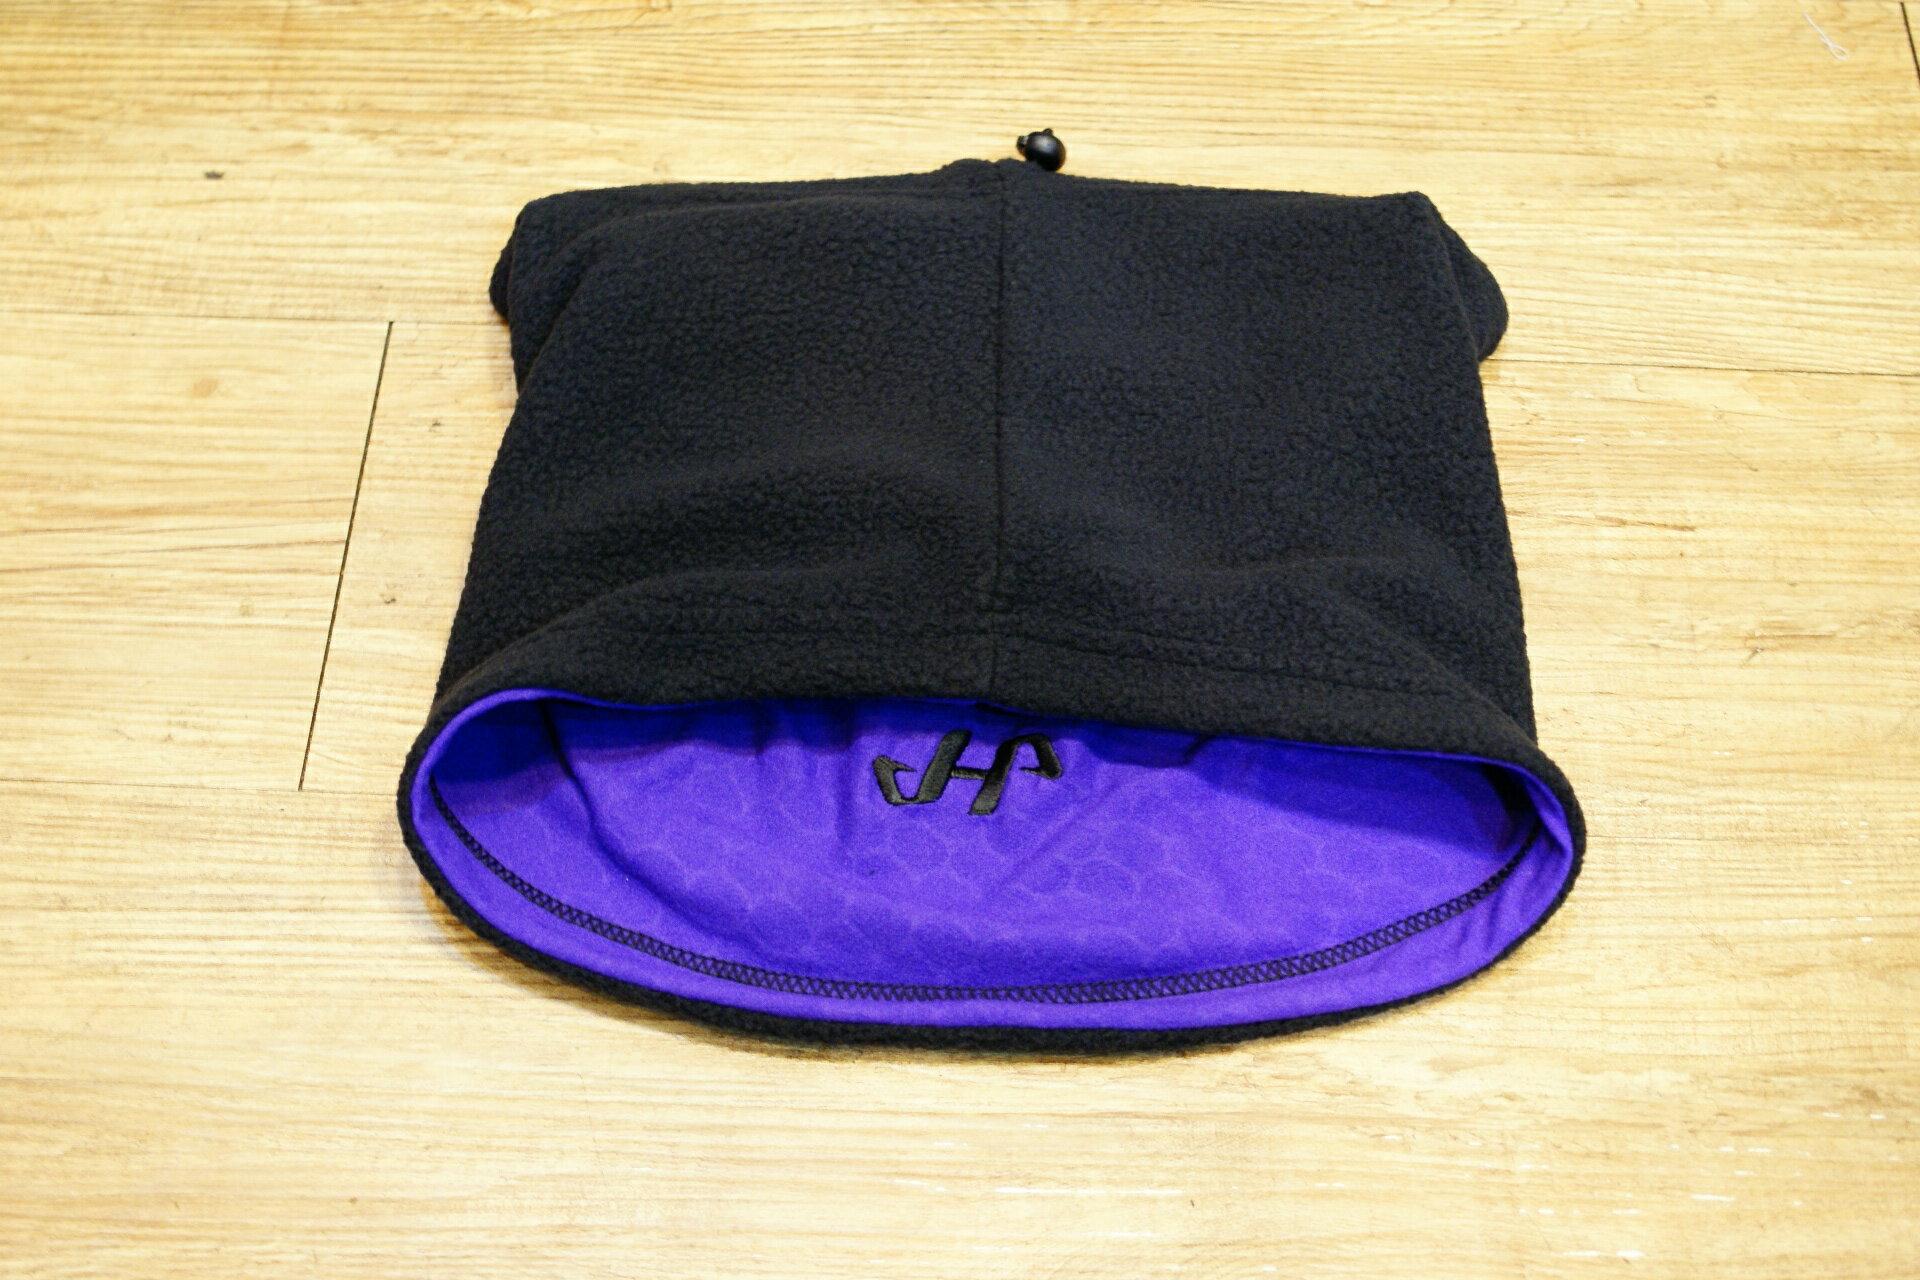 棒球世界 『HATAKEYAMA』 保暖護頸 特價 黑紫配色 暖暖上市